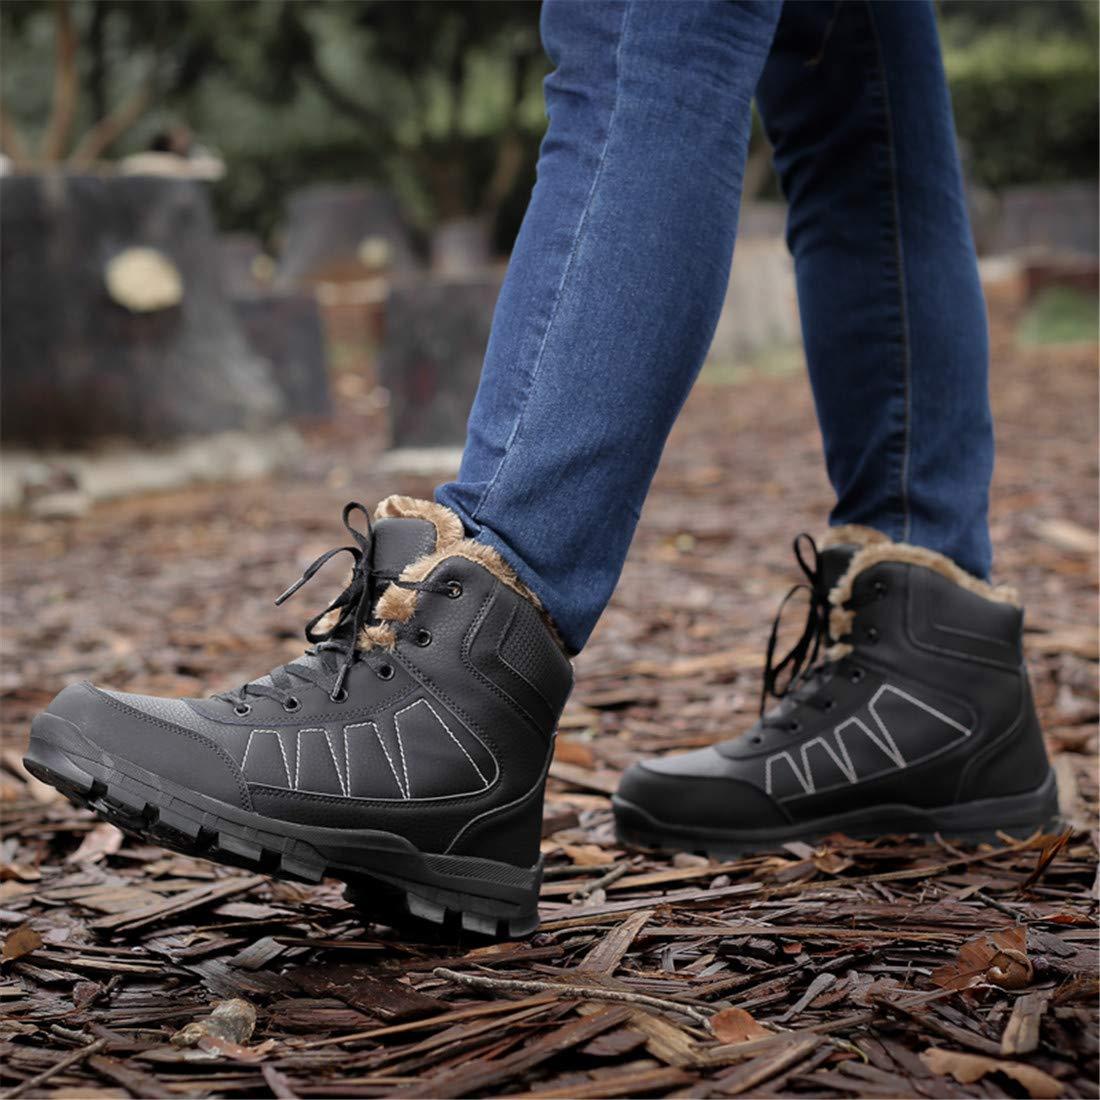 Sixspace Herren Winterstiefel Schneestiefel Boots Warm Gefütterte Winterschuhe Stiefelette Outdoor Boots Schneestiefel Schwarz-868 f33680